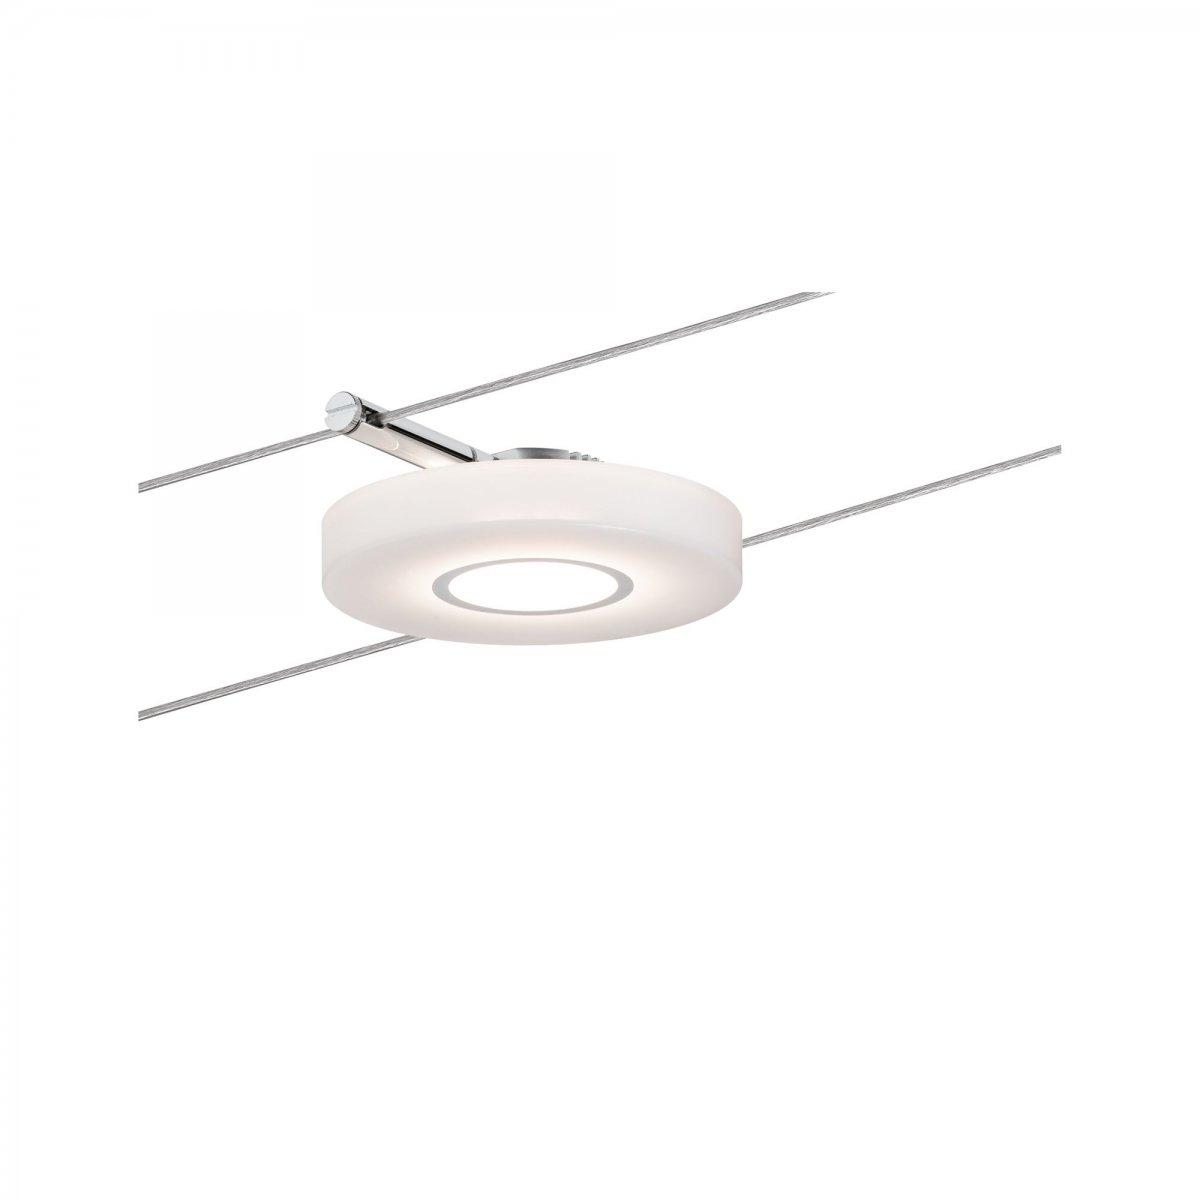 paulmann no 94090 seil leuchte led 1x4w discled i 12v dc chrom satin eur 24 26. Black Bedroom Furniture Sets. Home Design Ideas